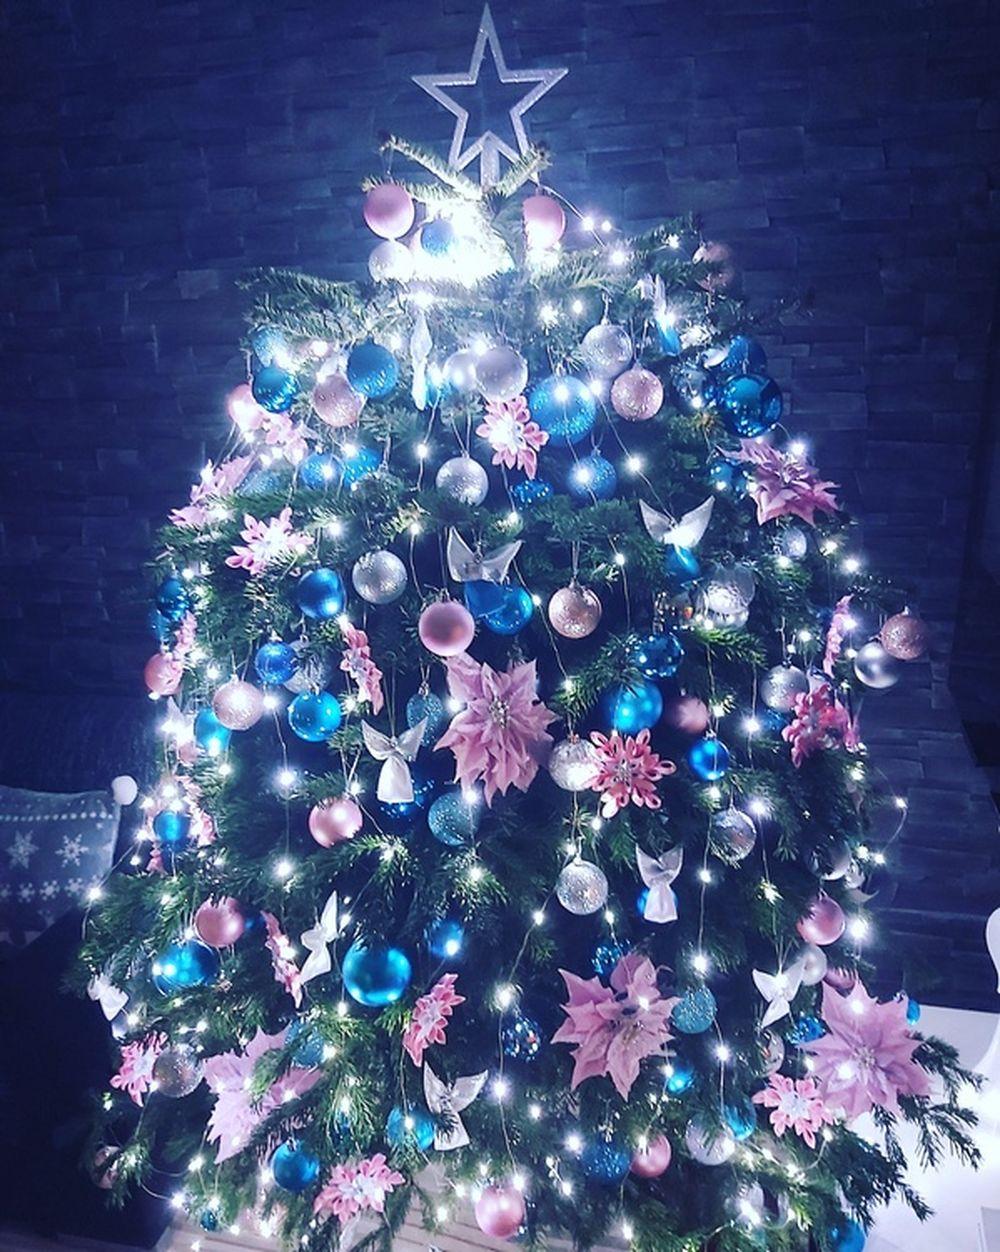 FOTO: Vianočné stromčeky v Žiline - výber fotografií našich čitateľov, foto 7